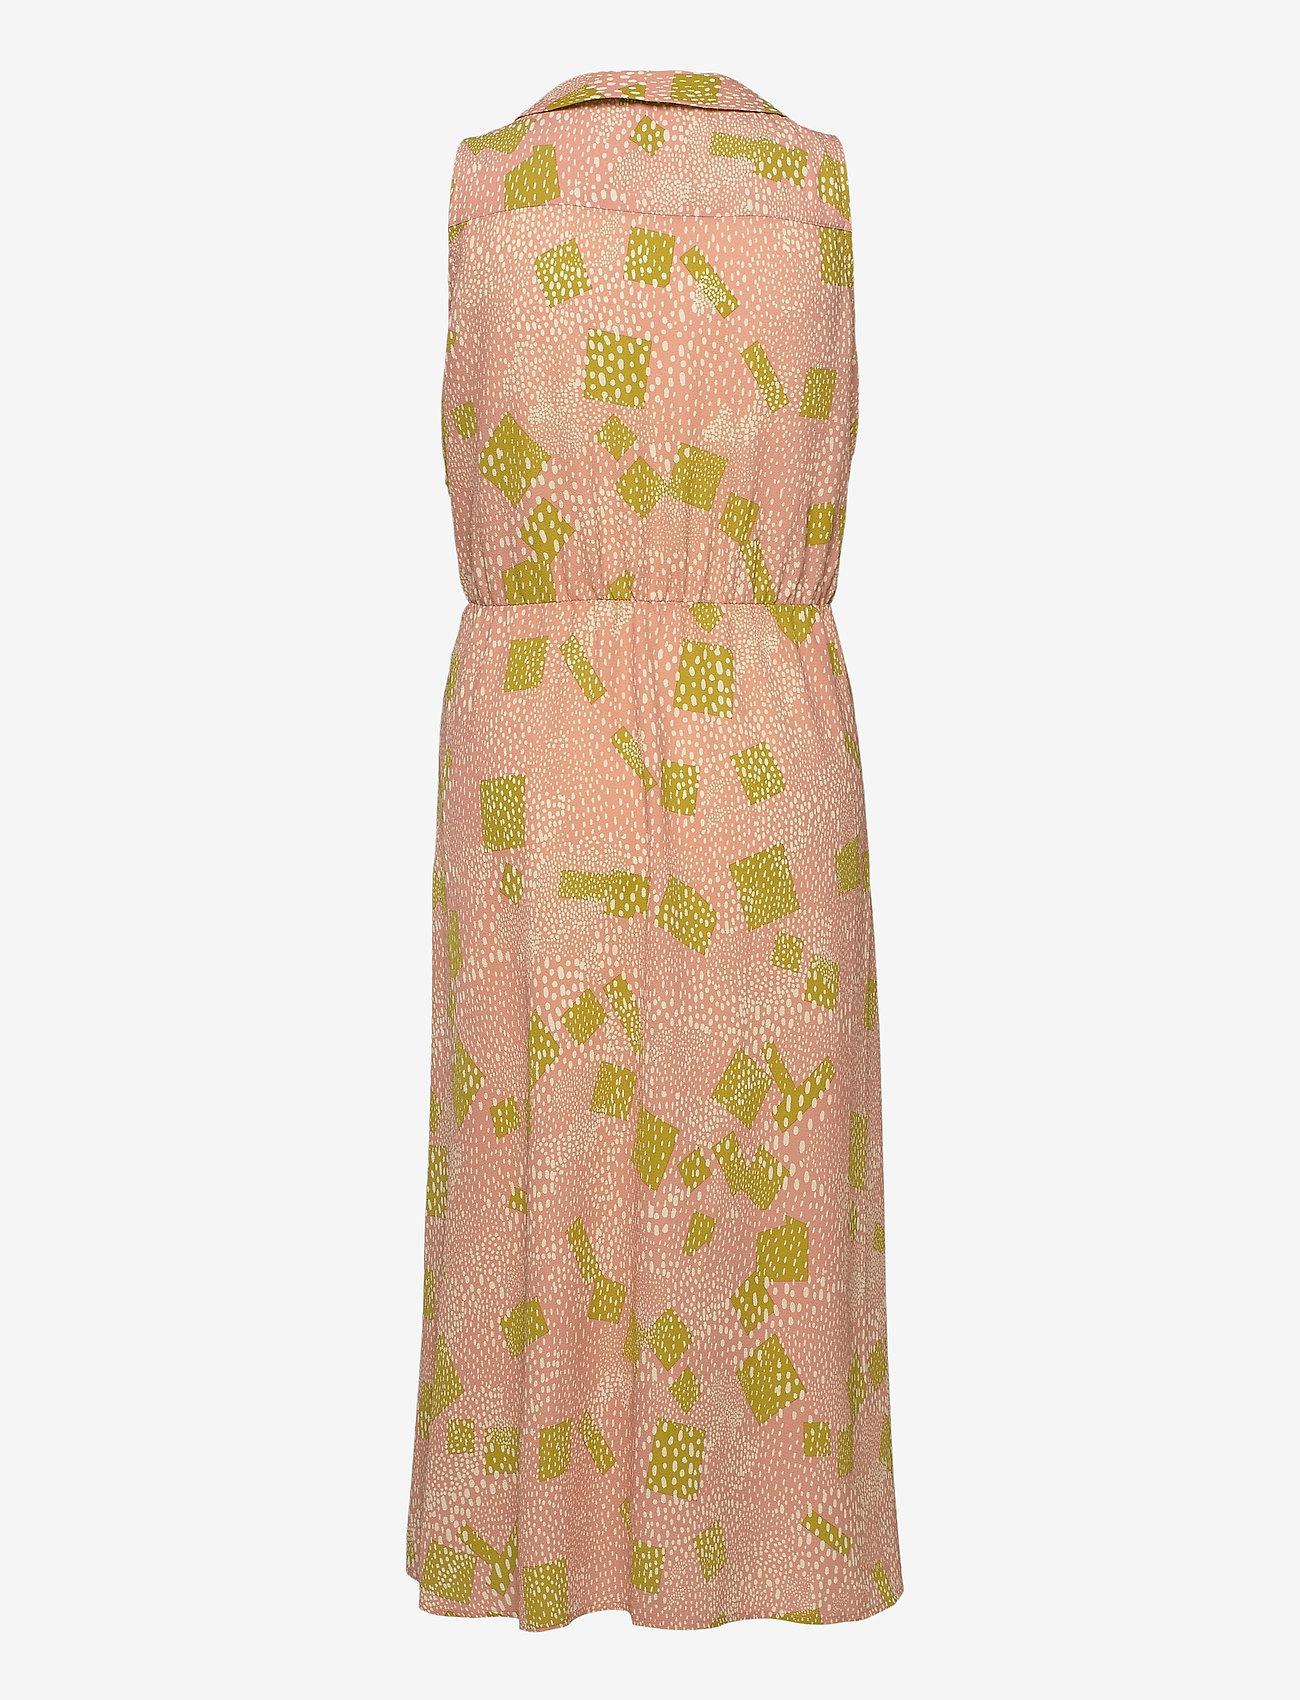 Ilse Jacobsen - Dress - sommerkjoler - pale blush - 1